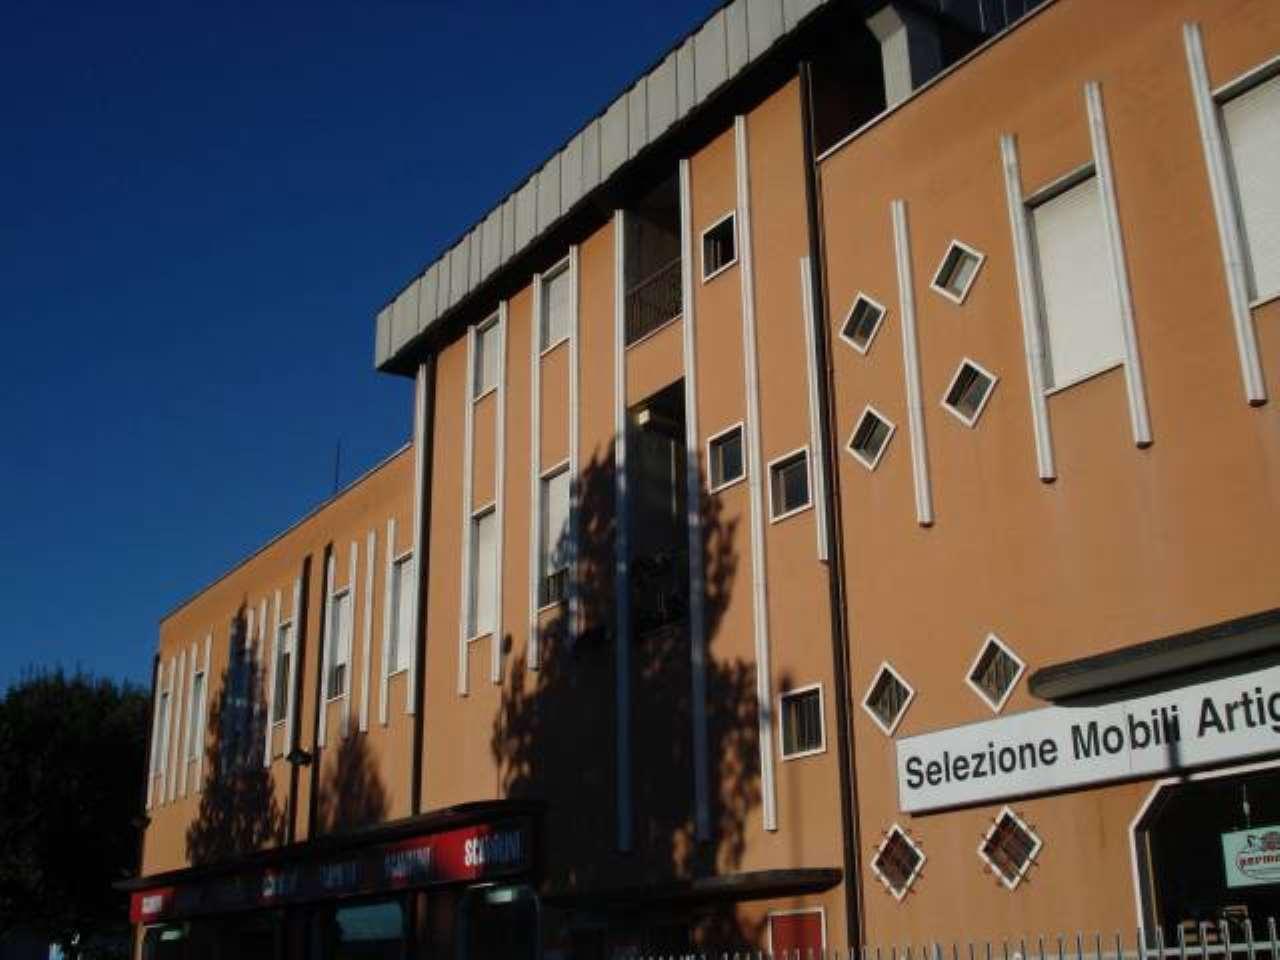 Immobile Commerciale in vendita a Cernusco sul Naviglio, 1 locali, Trattative riservate | PortaleAgenzieImmobiliari.it